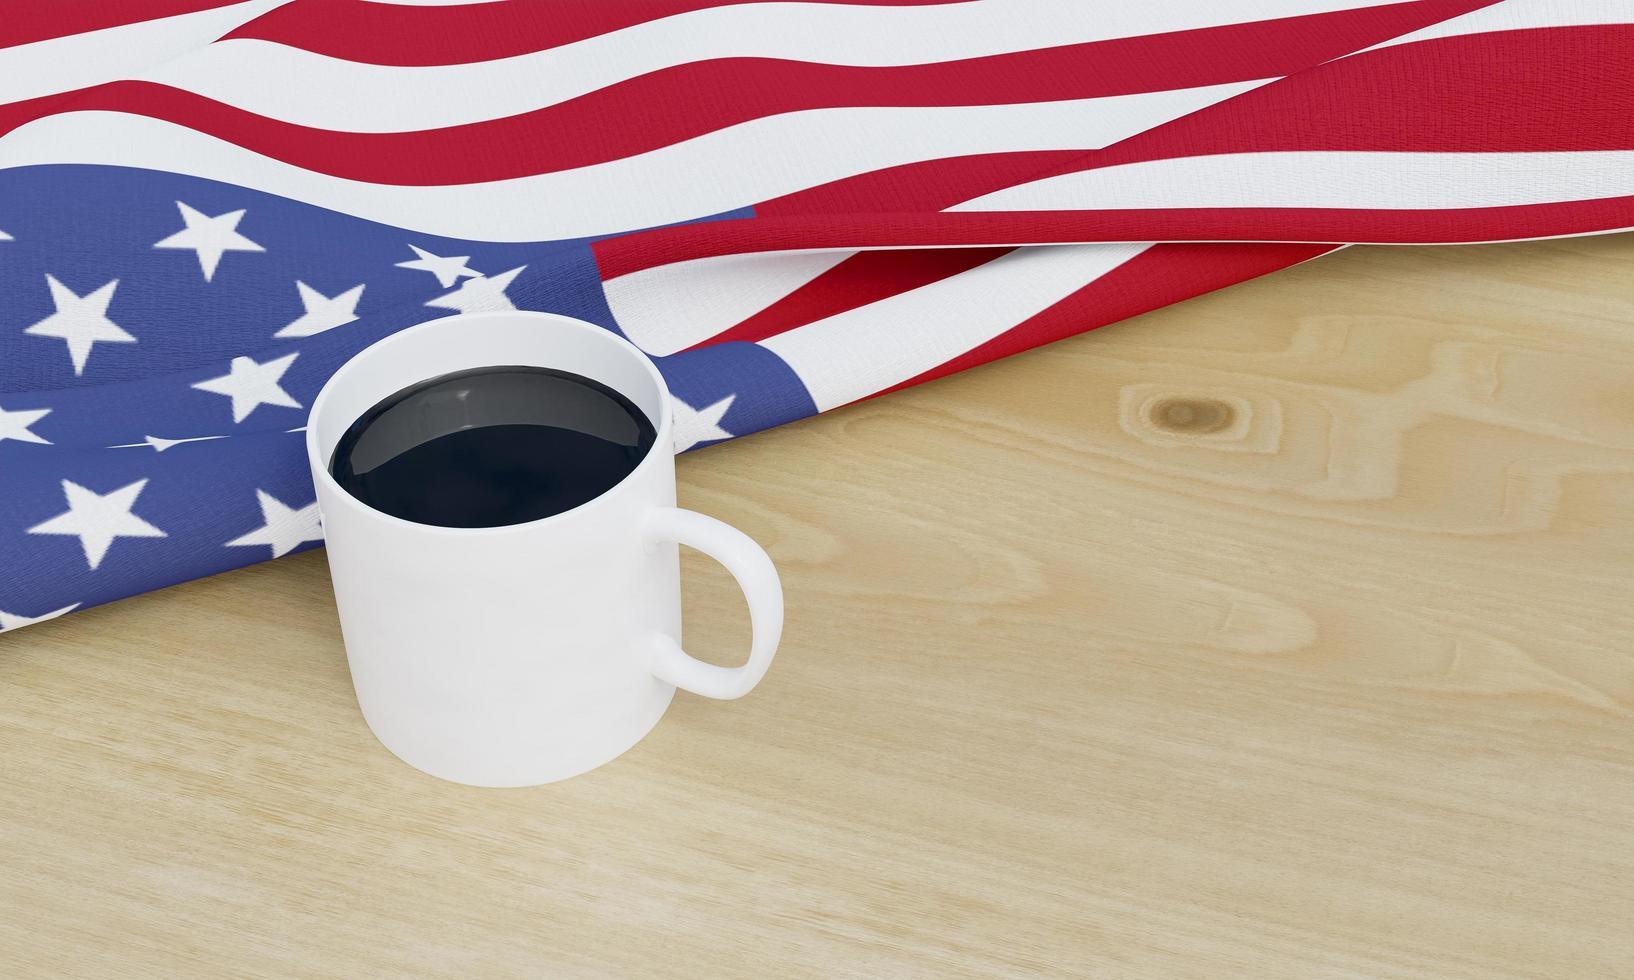 Amerikaanse vlag en koffie foto